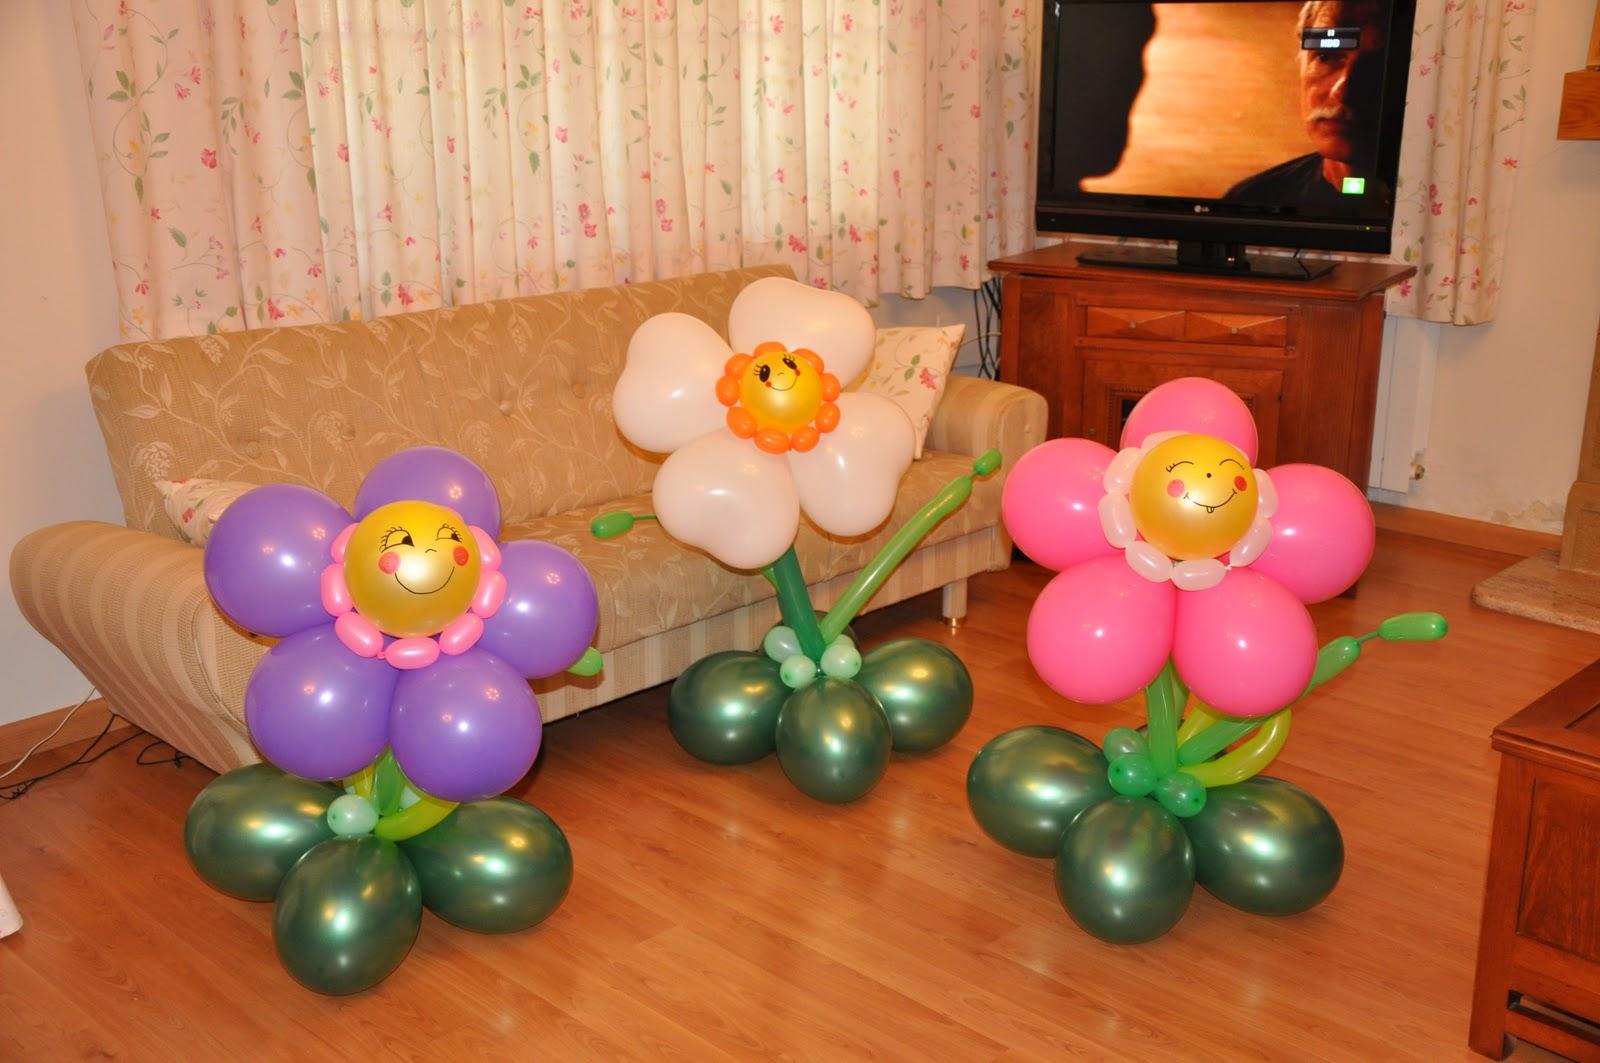 Decoraciones infantiles con globos decoraciones infantiles - Decoraciones con globos ...